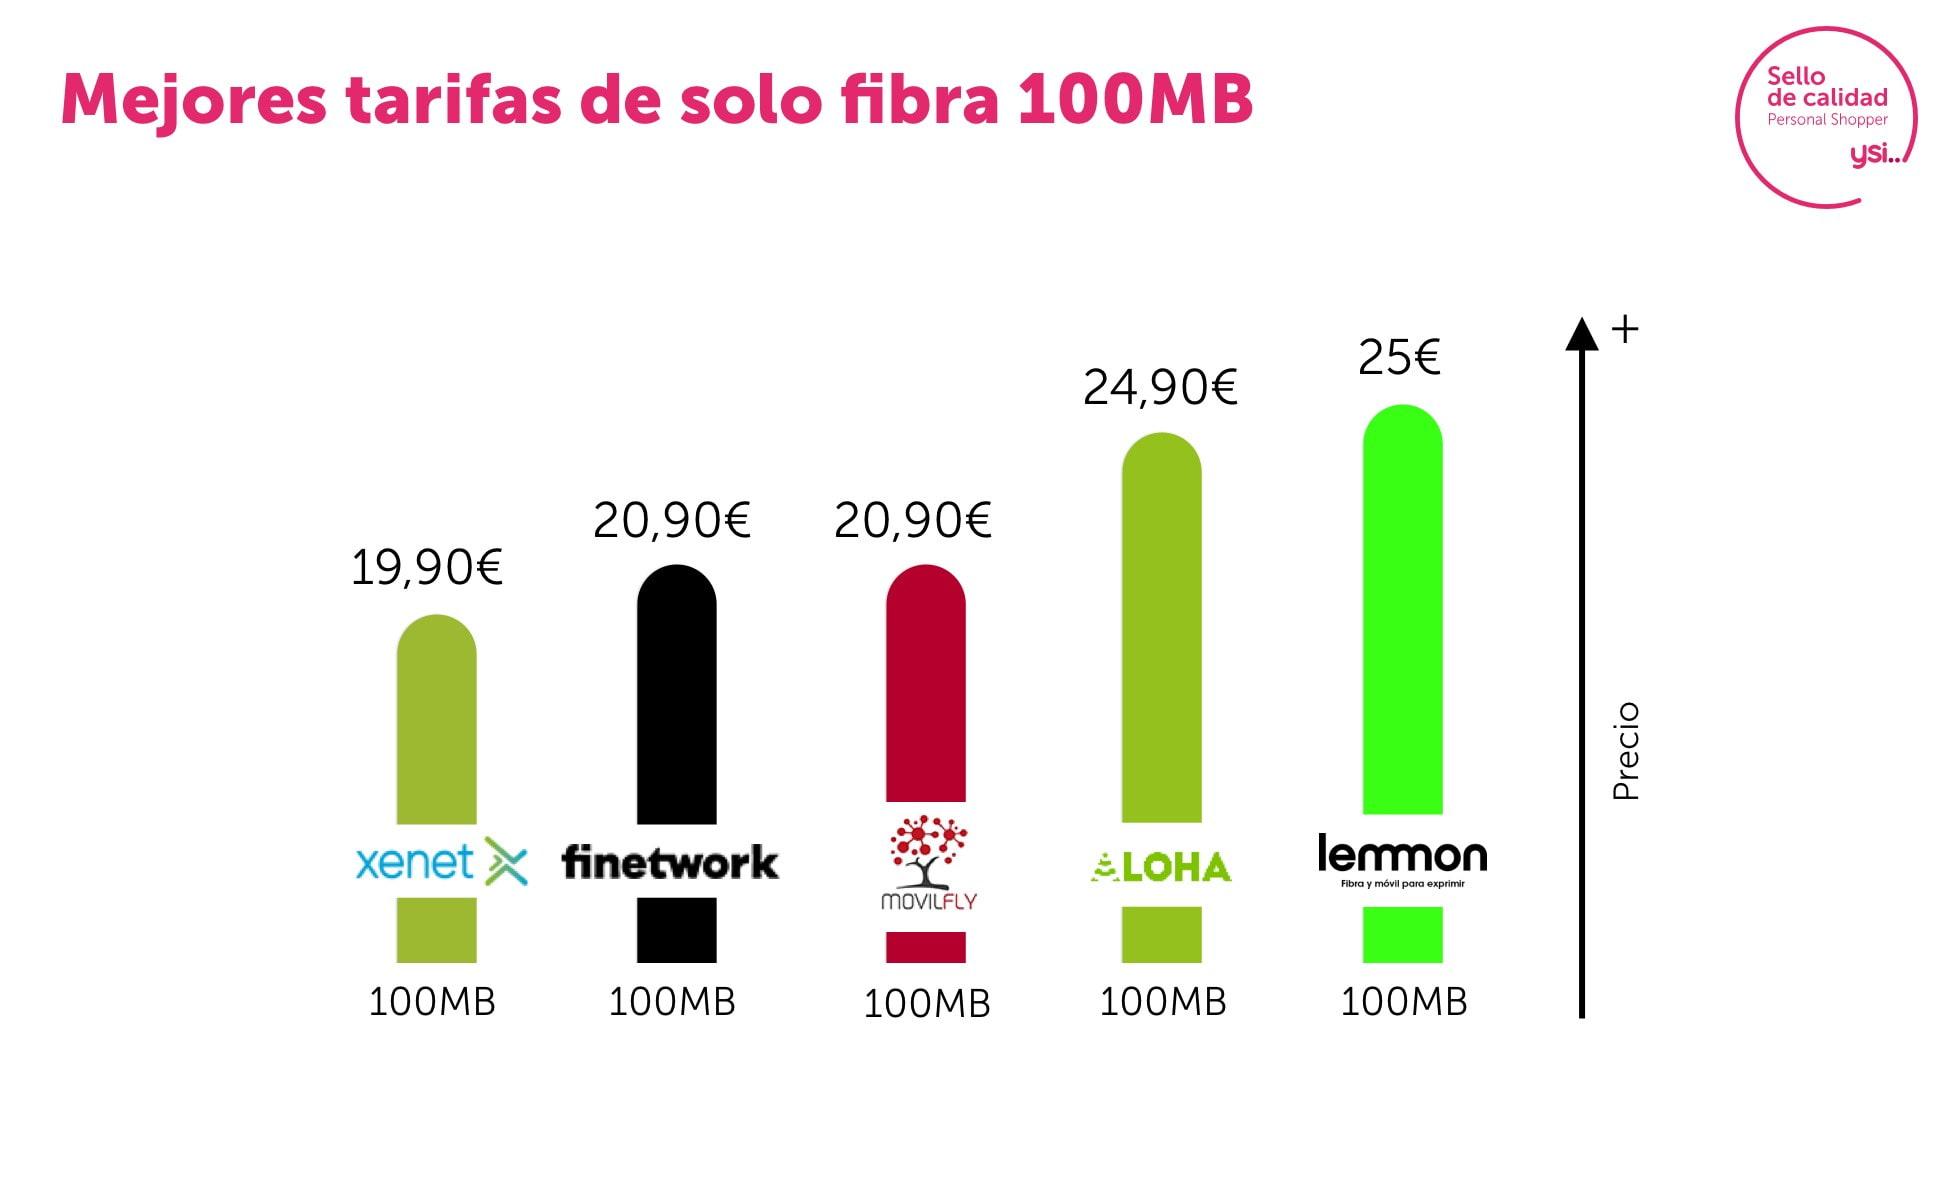 Mejores ofertas de fibra 100Mb